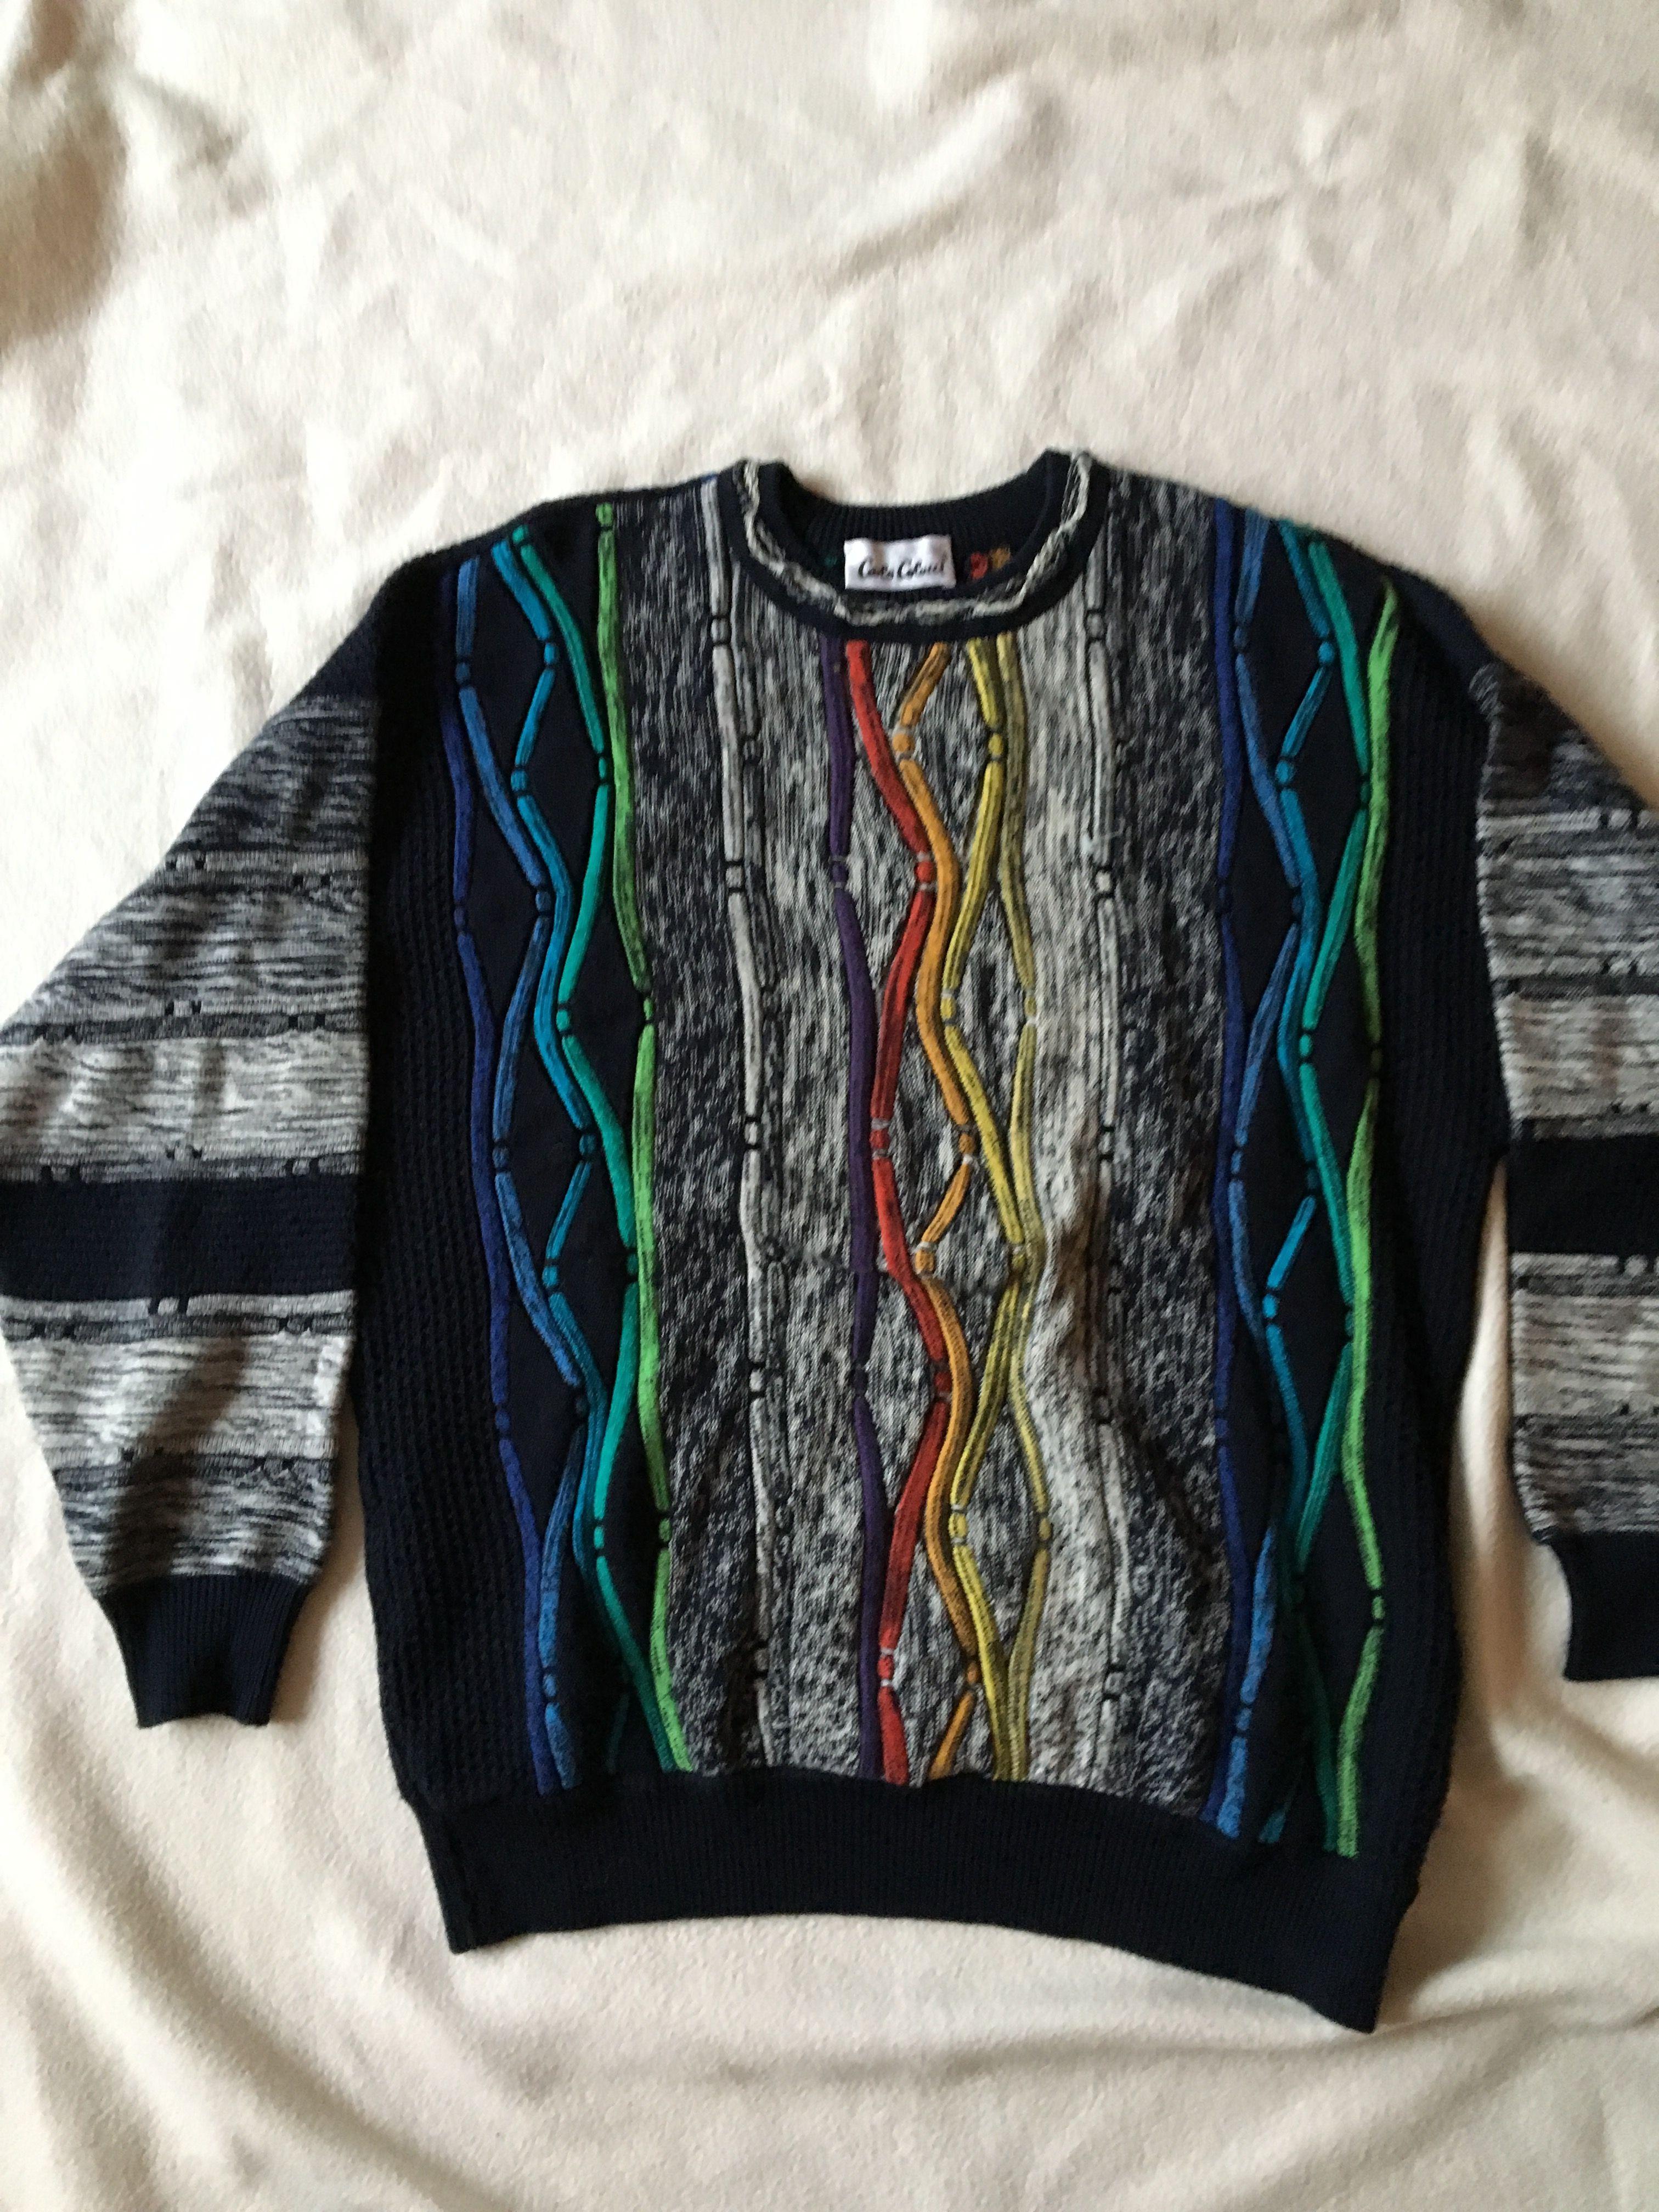 Vintage Carlo Colucci Carlocolucci Colucci Sweater Design Pretty Outfits Clothes